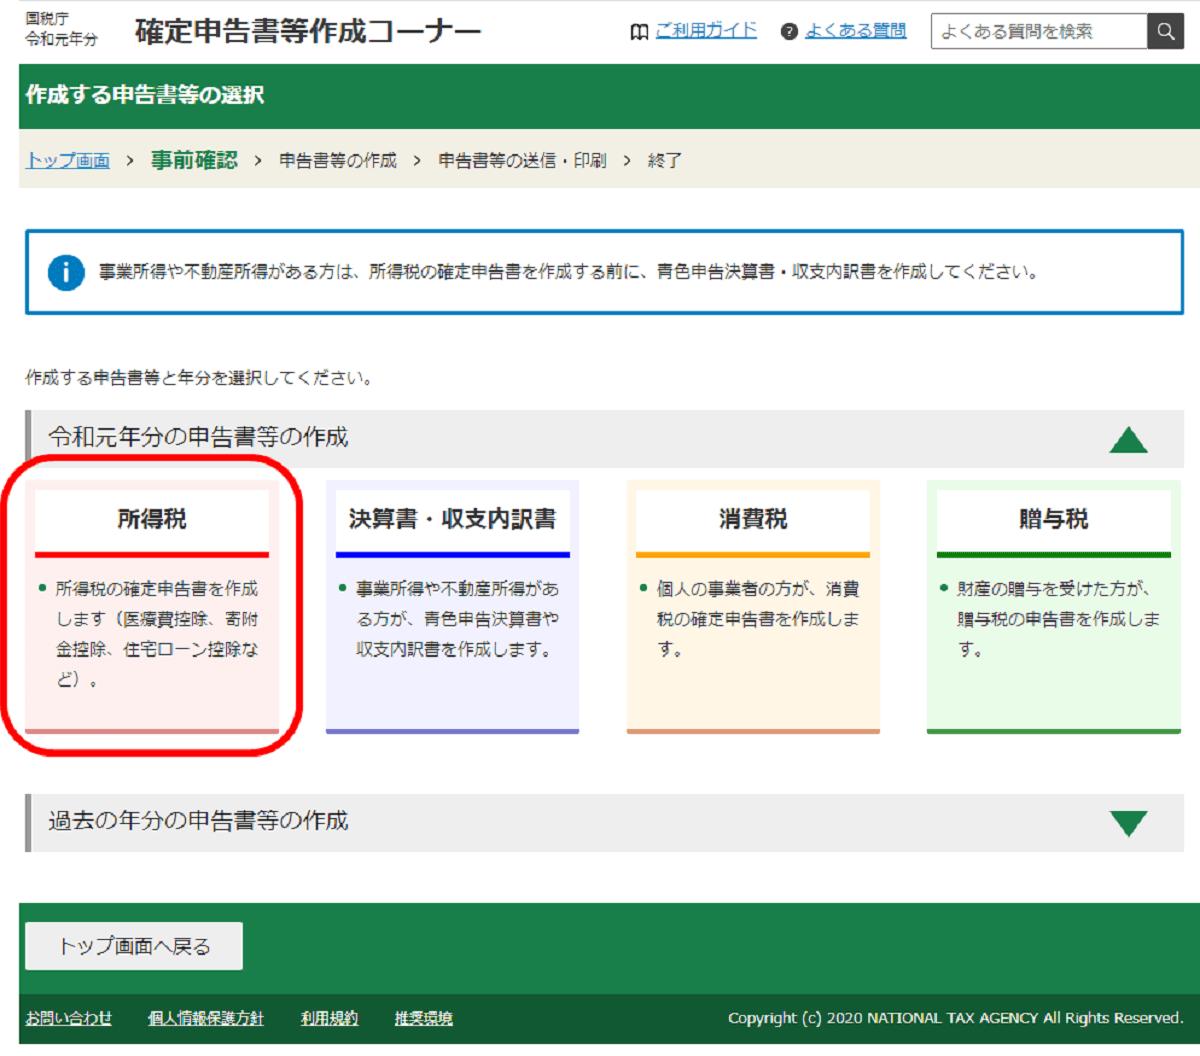 国税庁確定申告書等作成コーナーのページのスクリーンショット(作成する申告書等の選択のページ)